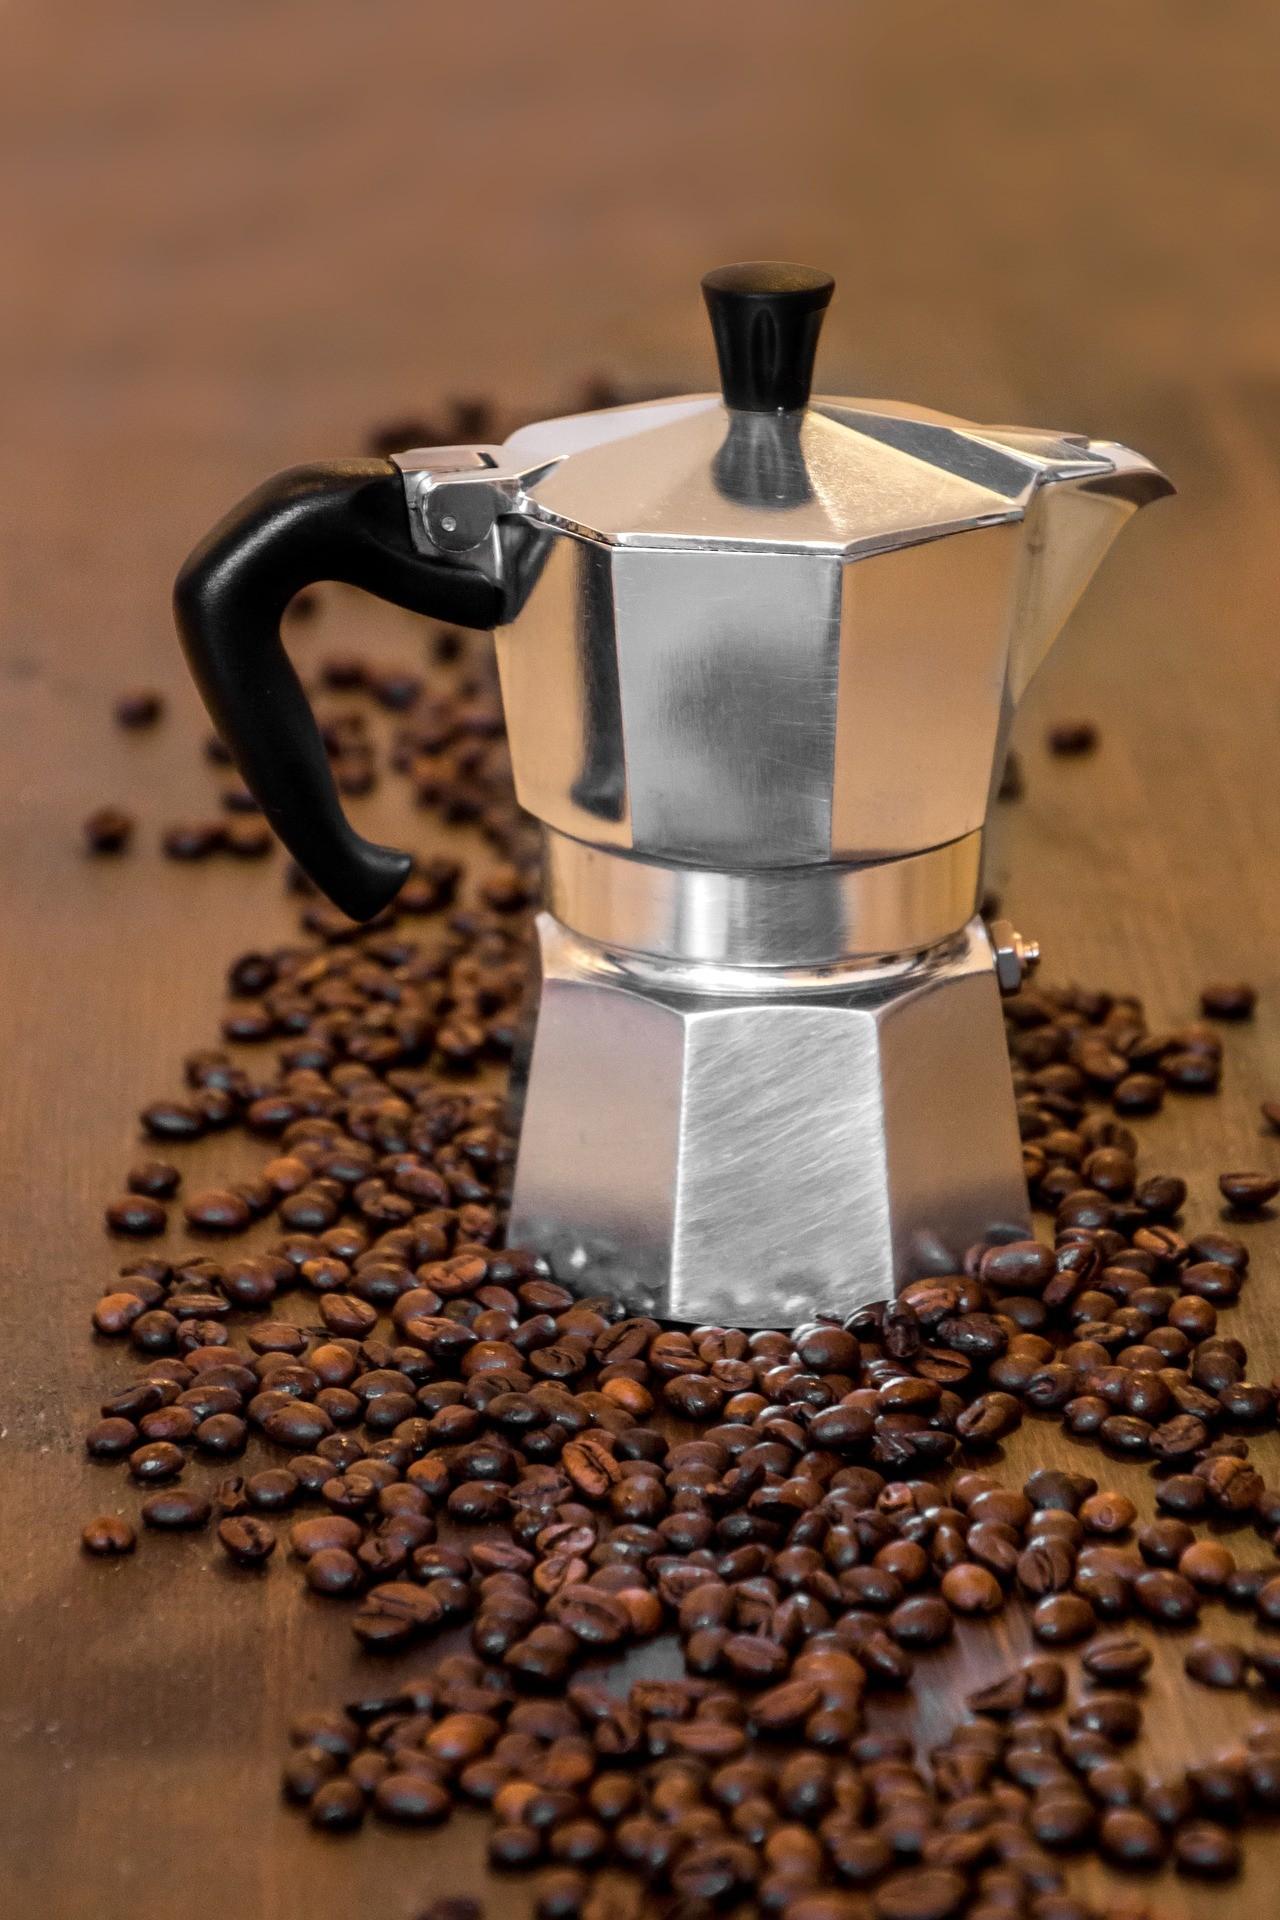 Ein hochwertiger Kaffeekocher besteht aus Edelstahl. Diese sind besonders robust und für alle möglichen Herde geeignet.